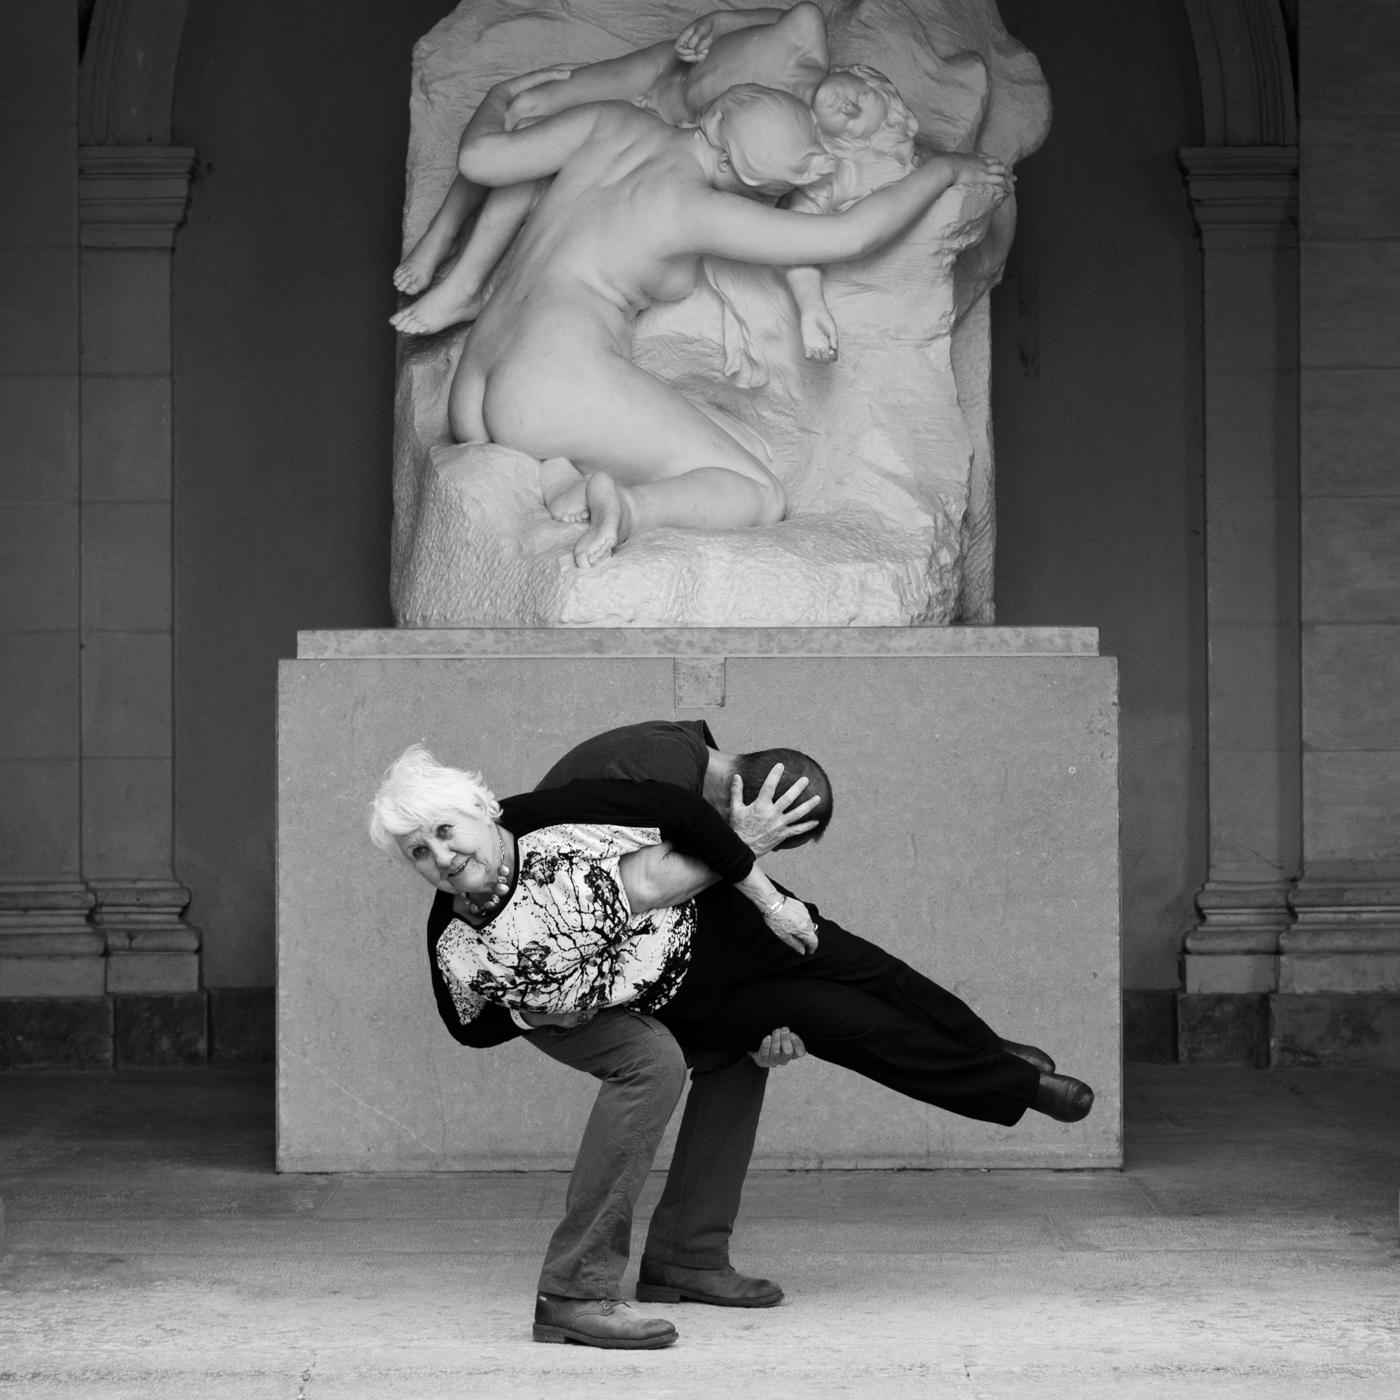 Musée_Lyon_2016_-_Autoportrait_avec_prise_de_tête